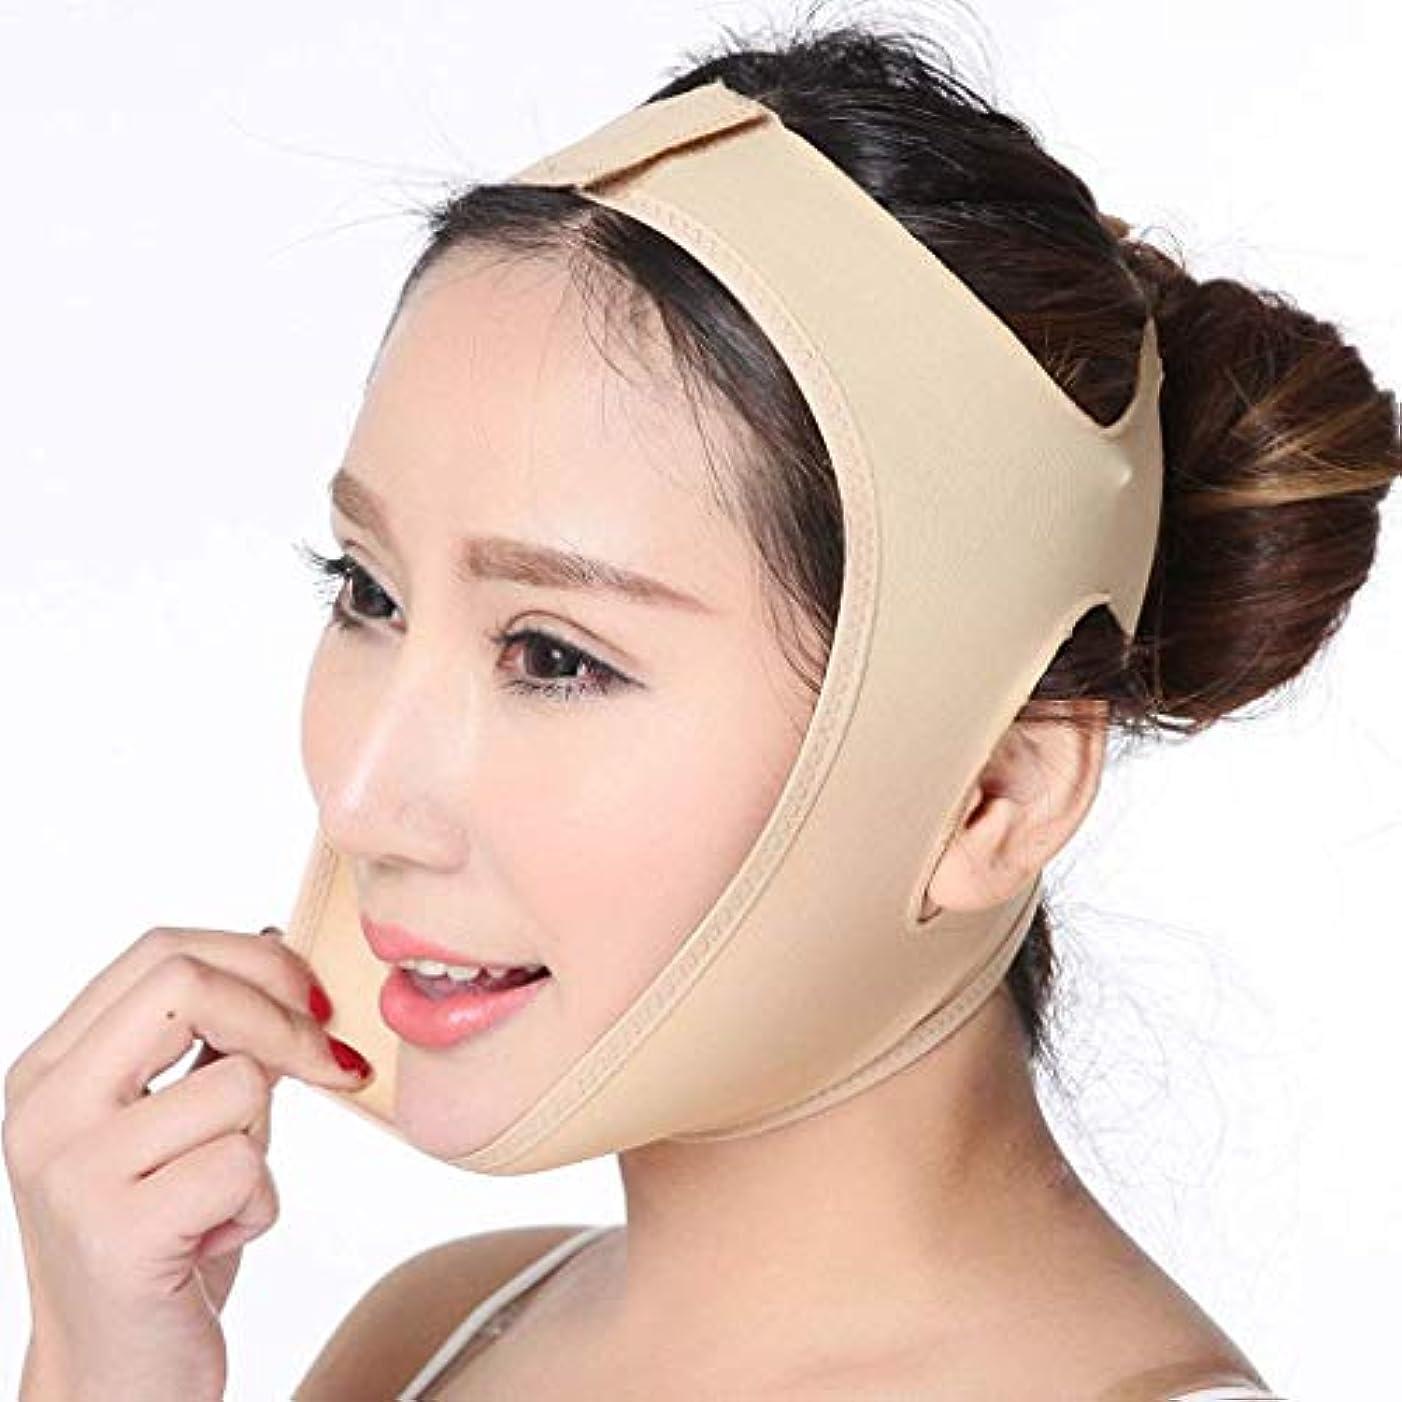 展開するポーンオールフェイスリフティング包帯、スリムマスク頬紅顔/痩身包帯をスリミング睡眠とV顔は、二重あご通気性、肌を減らす (XXL)